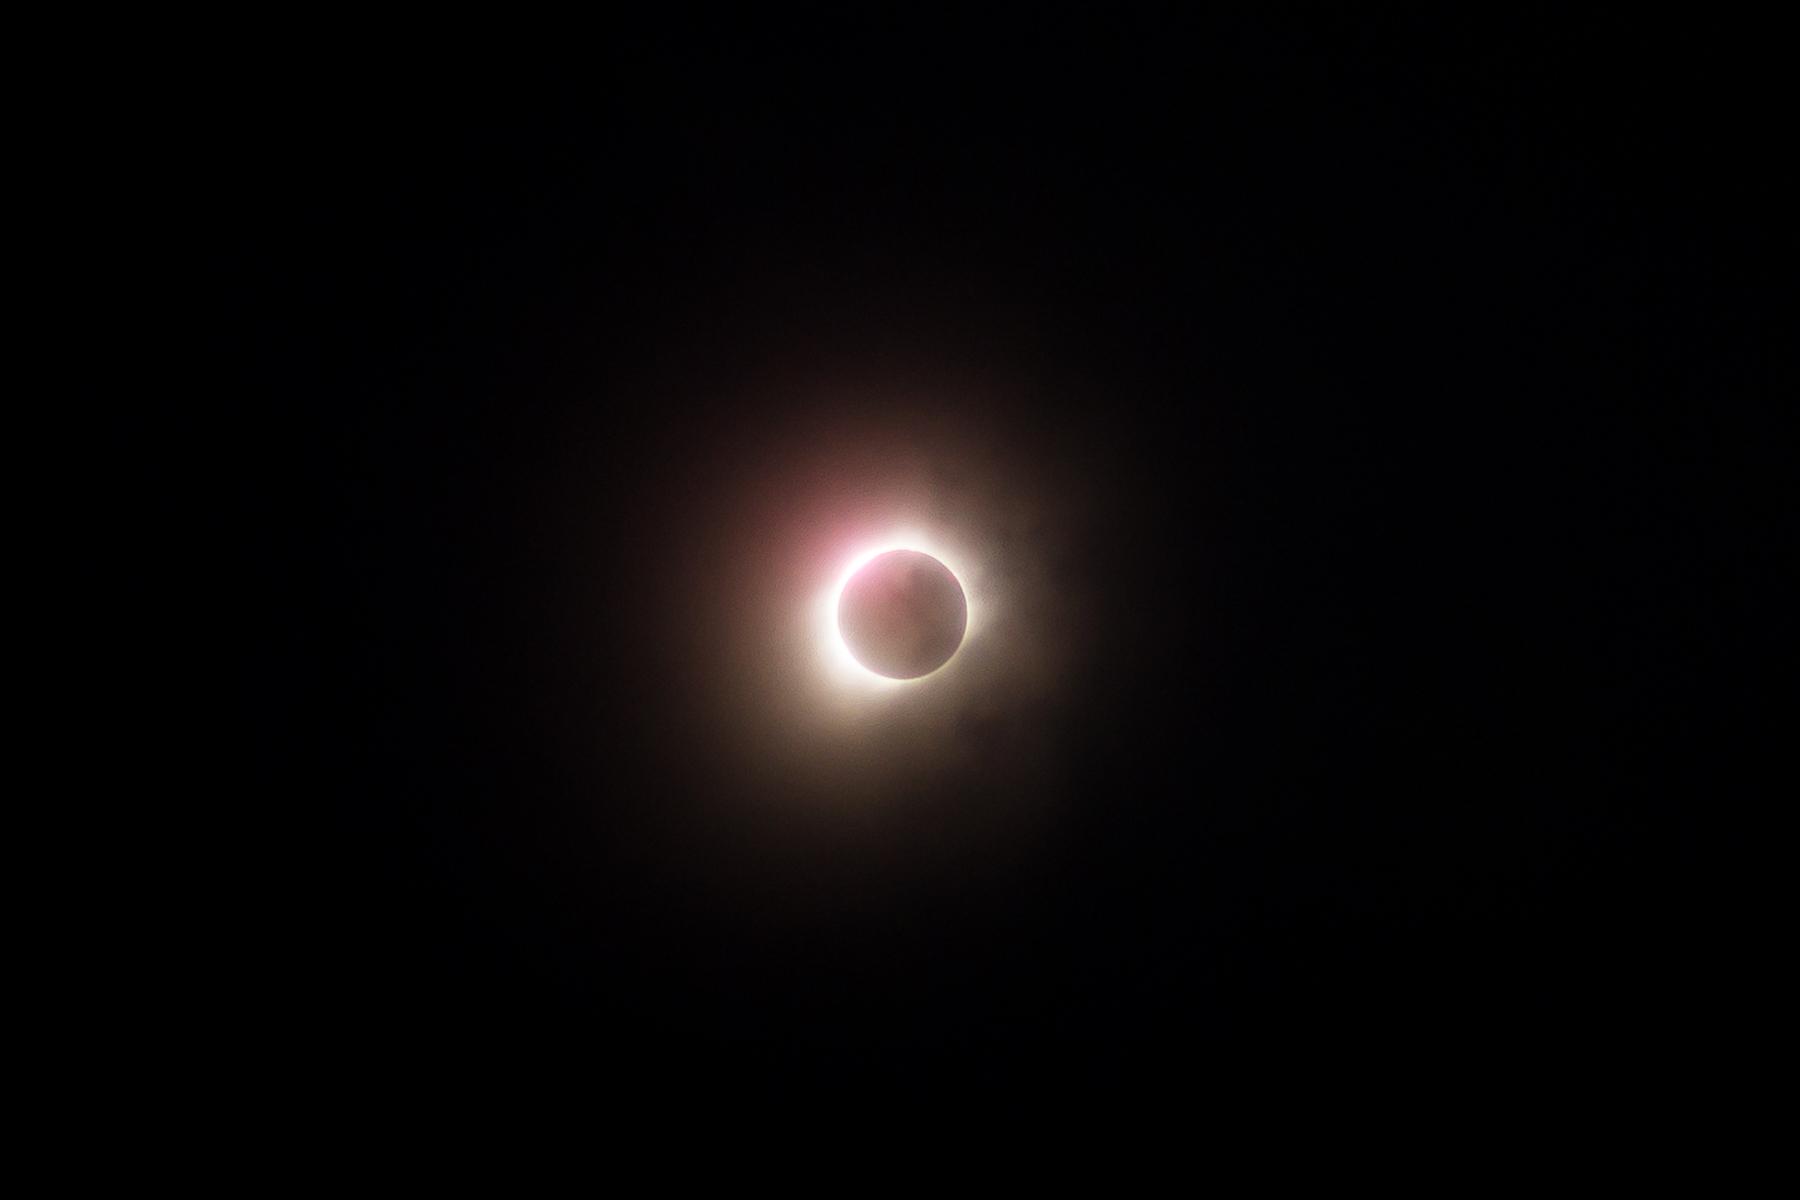 Eclipse-5941.jpg